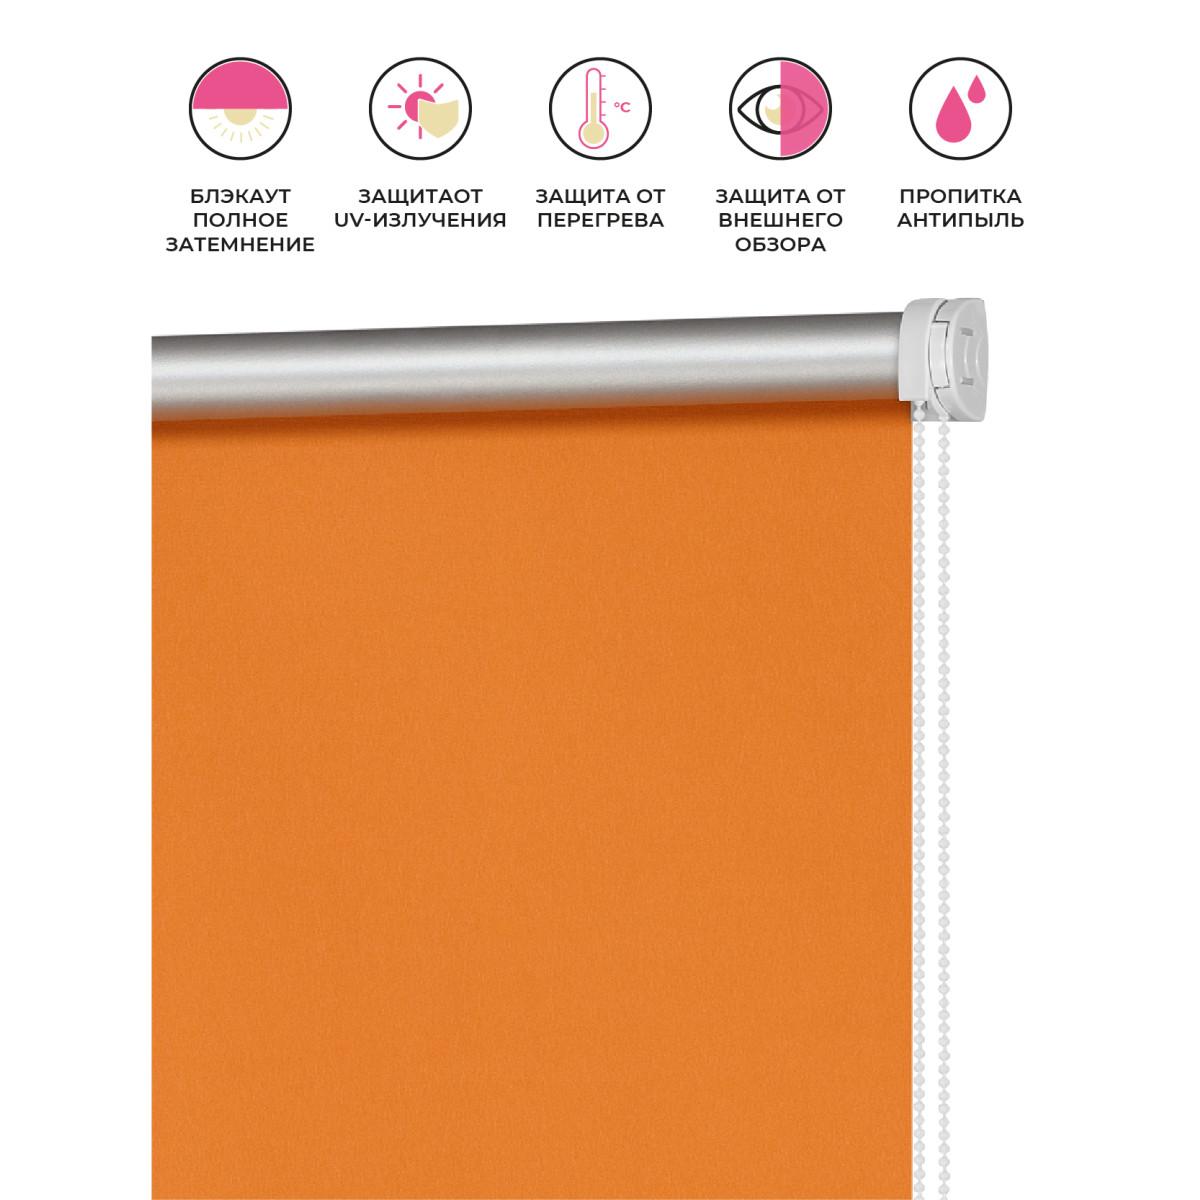 Рулонная Ора Decofest Блэкаут Плайн 120Х160 Цвет Оранжевый